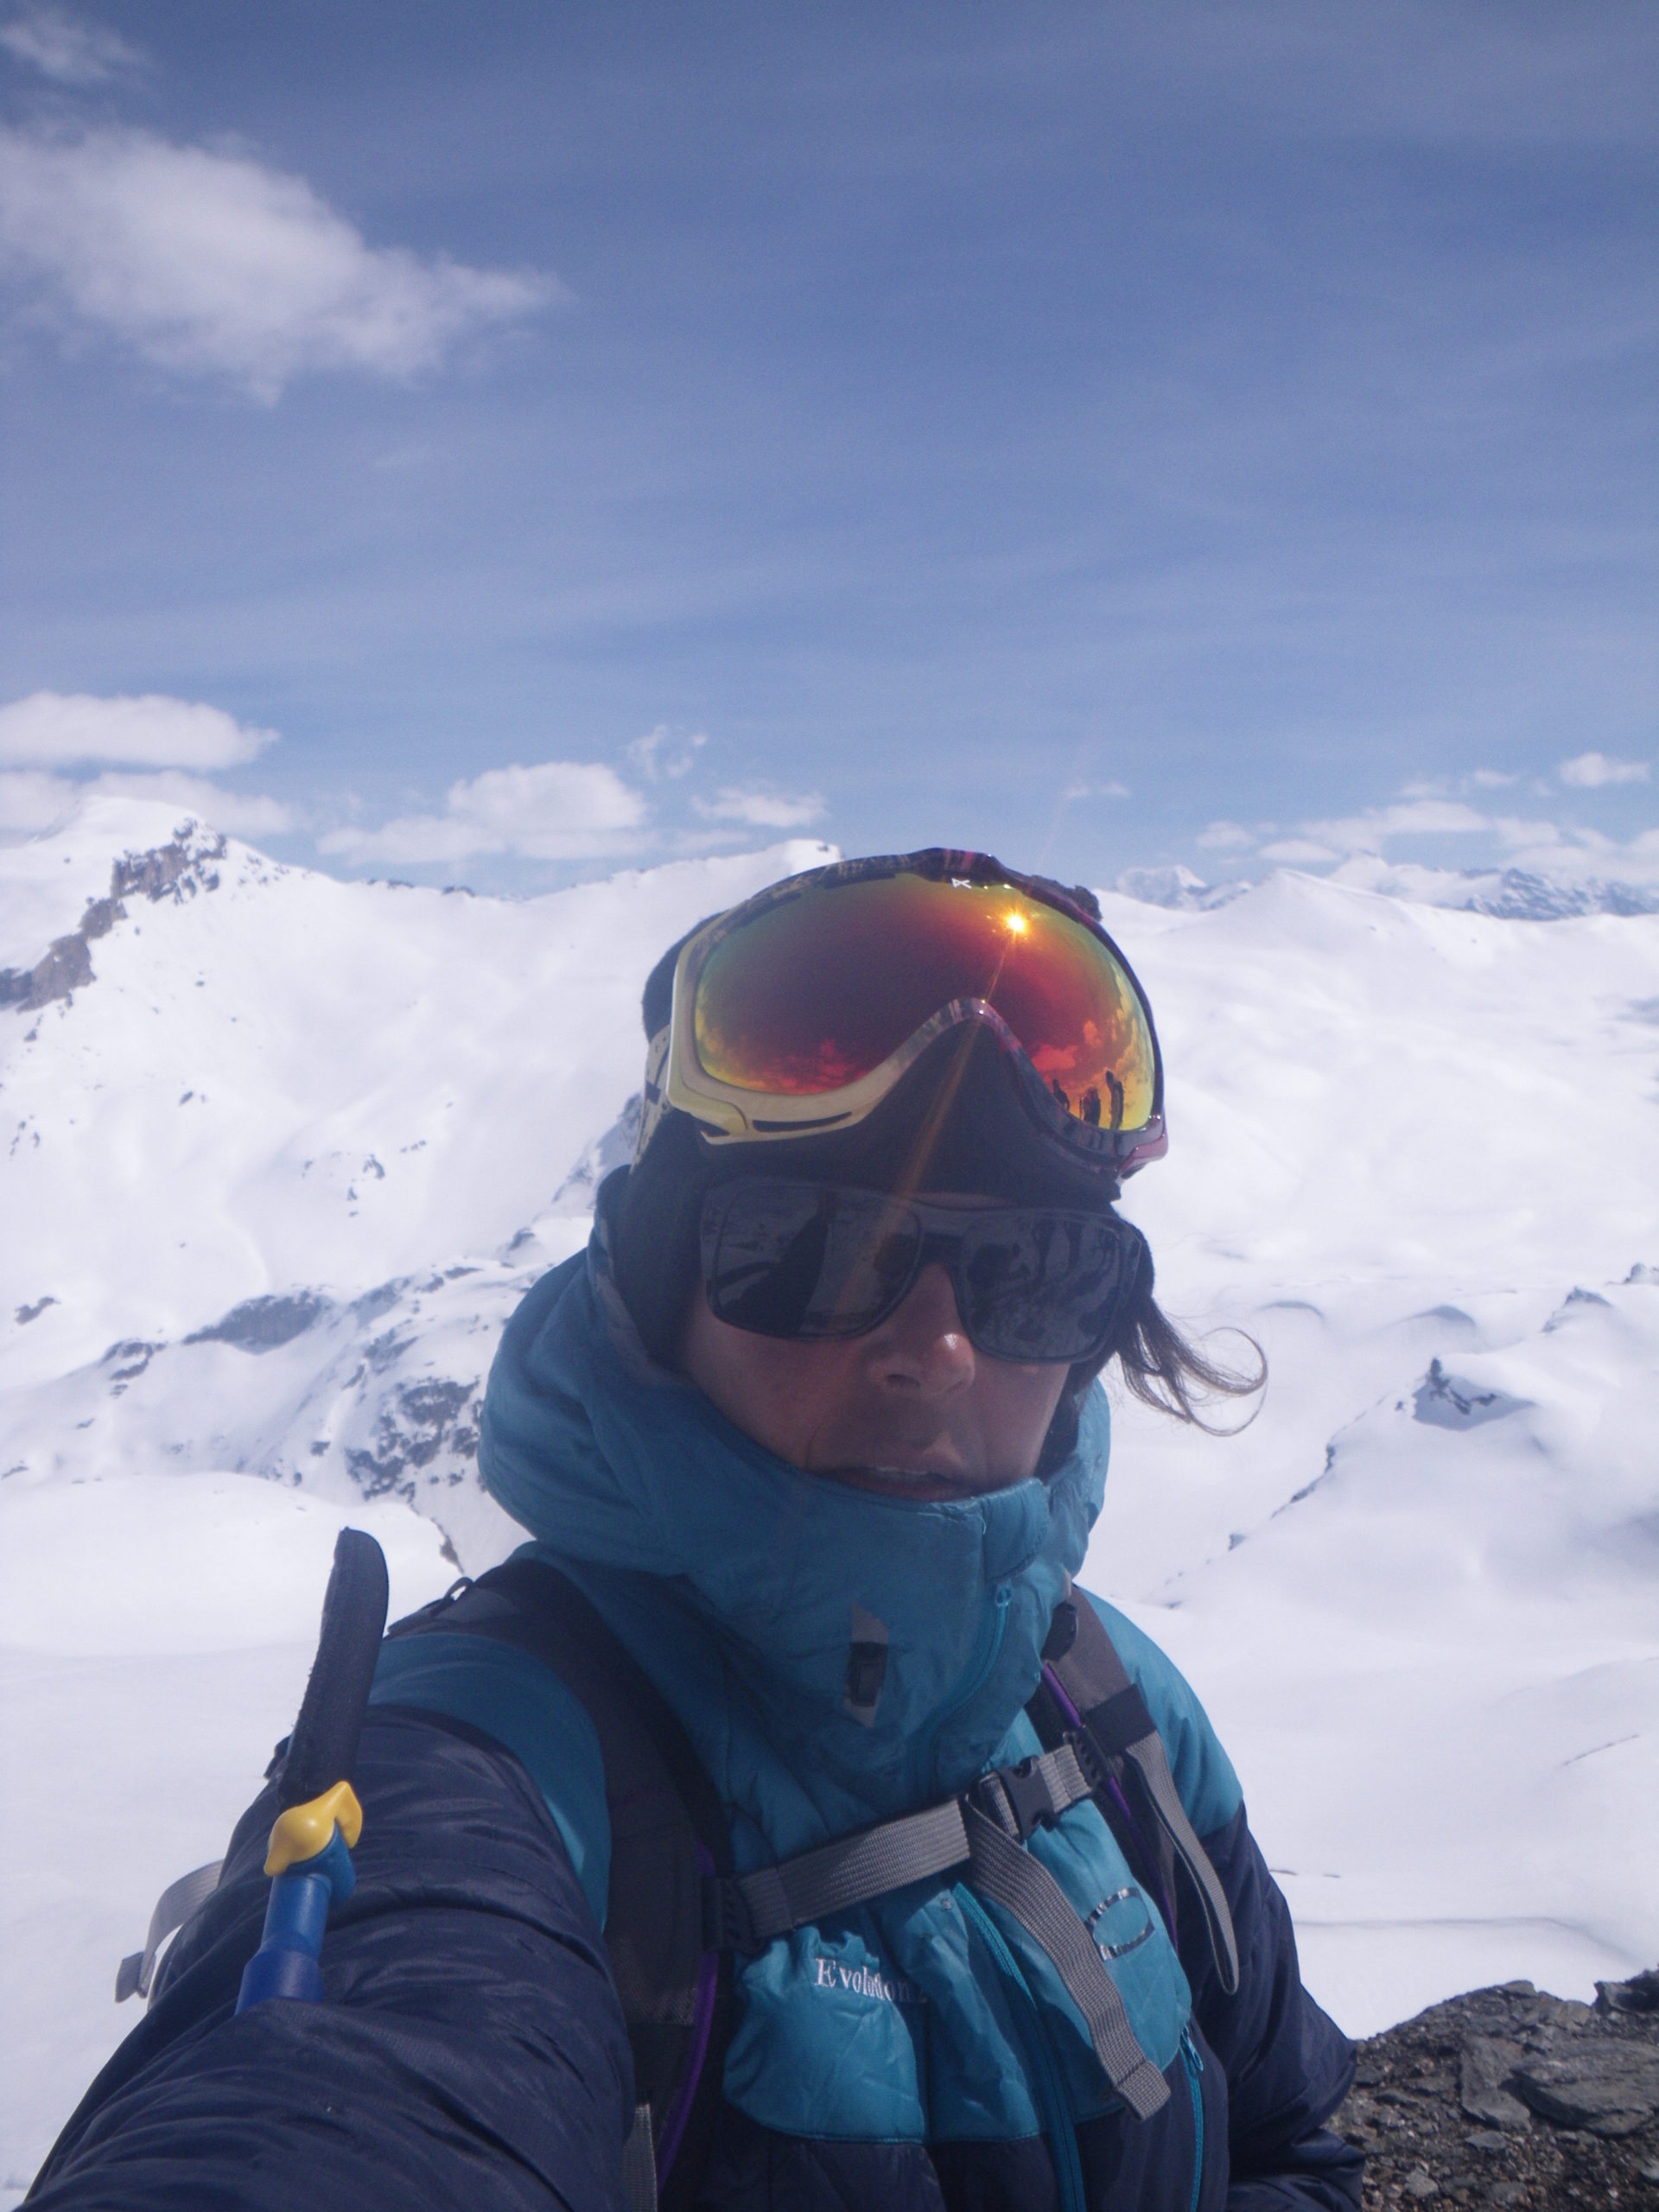 Sarah Ostermann en selfie au sommet d'une montagne enneigée dans les Alpes